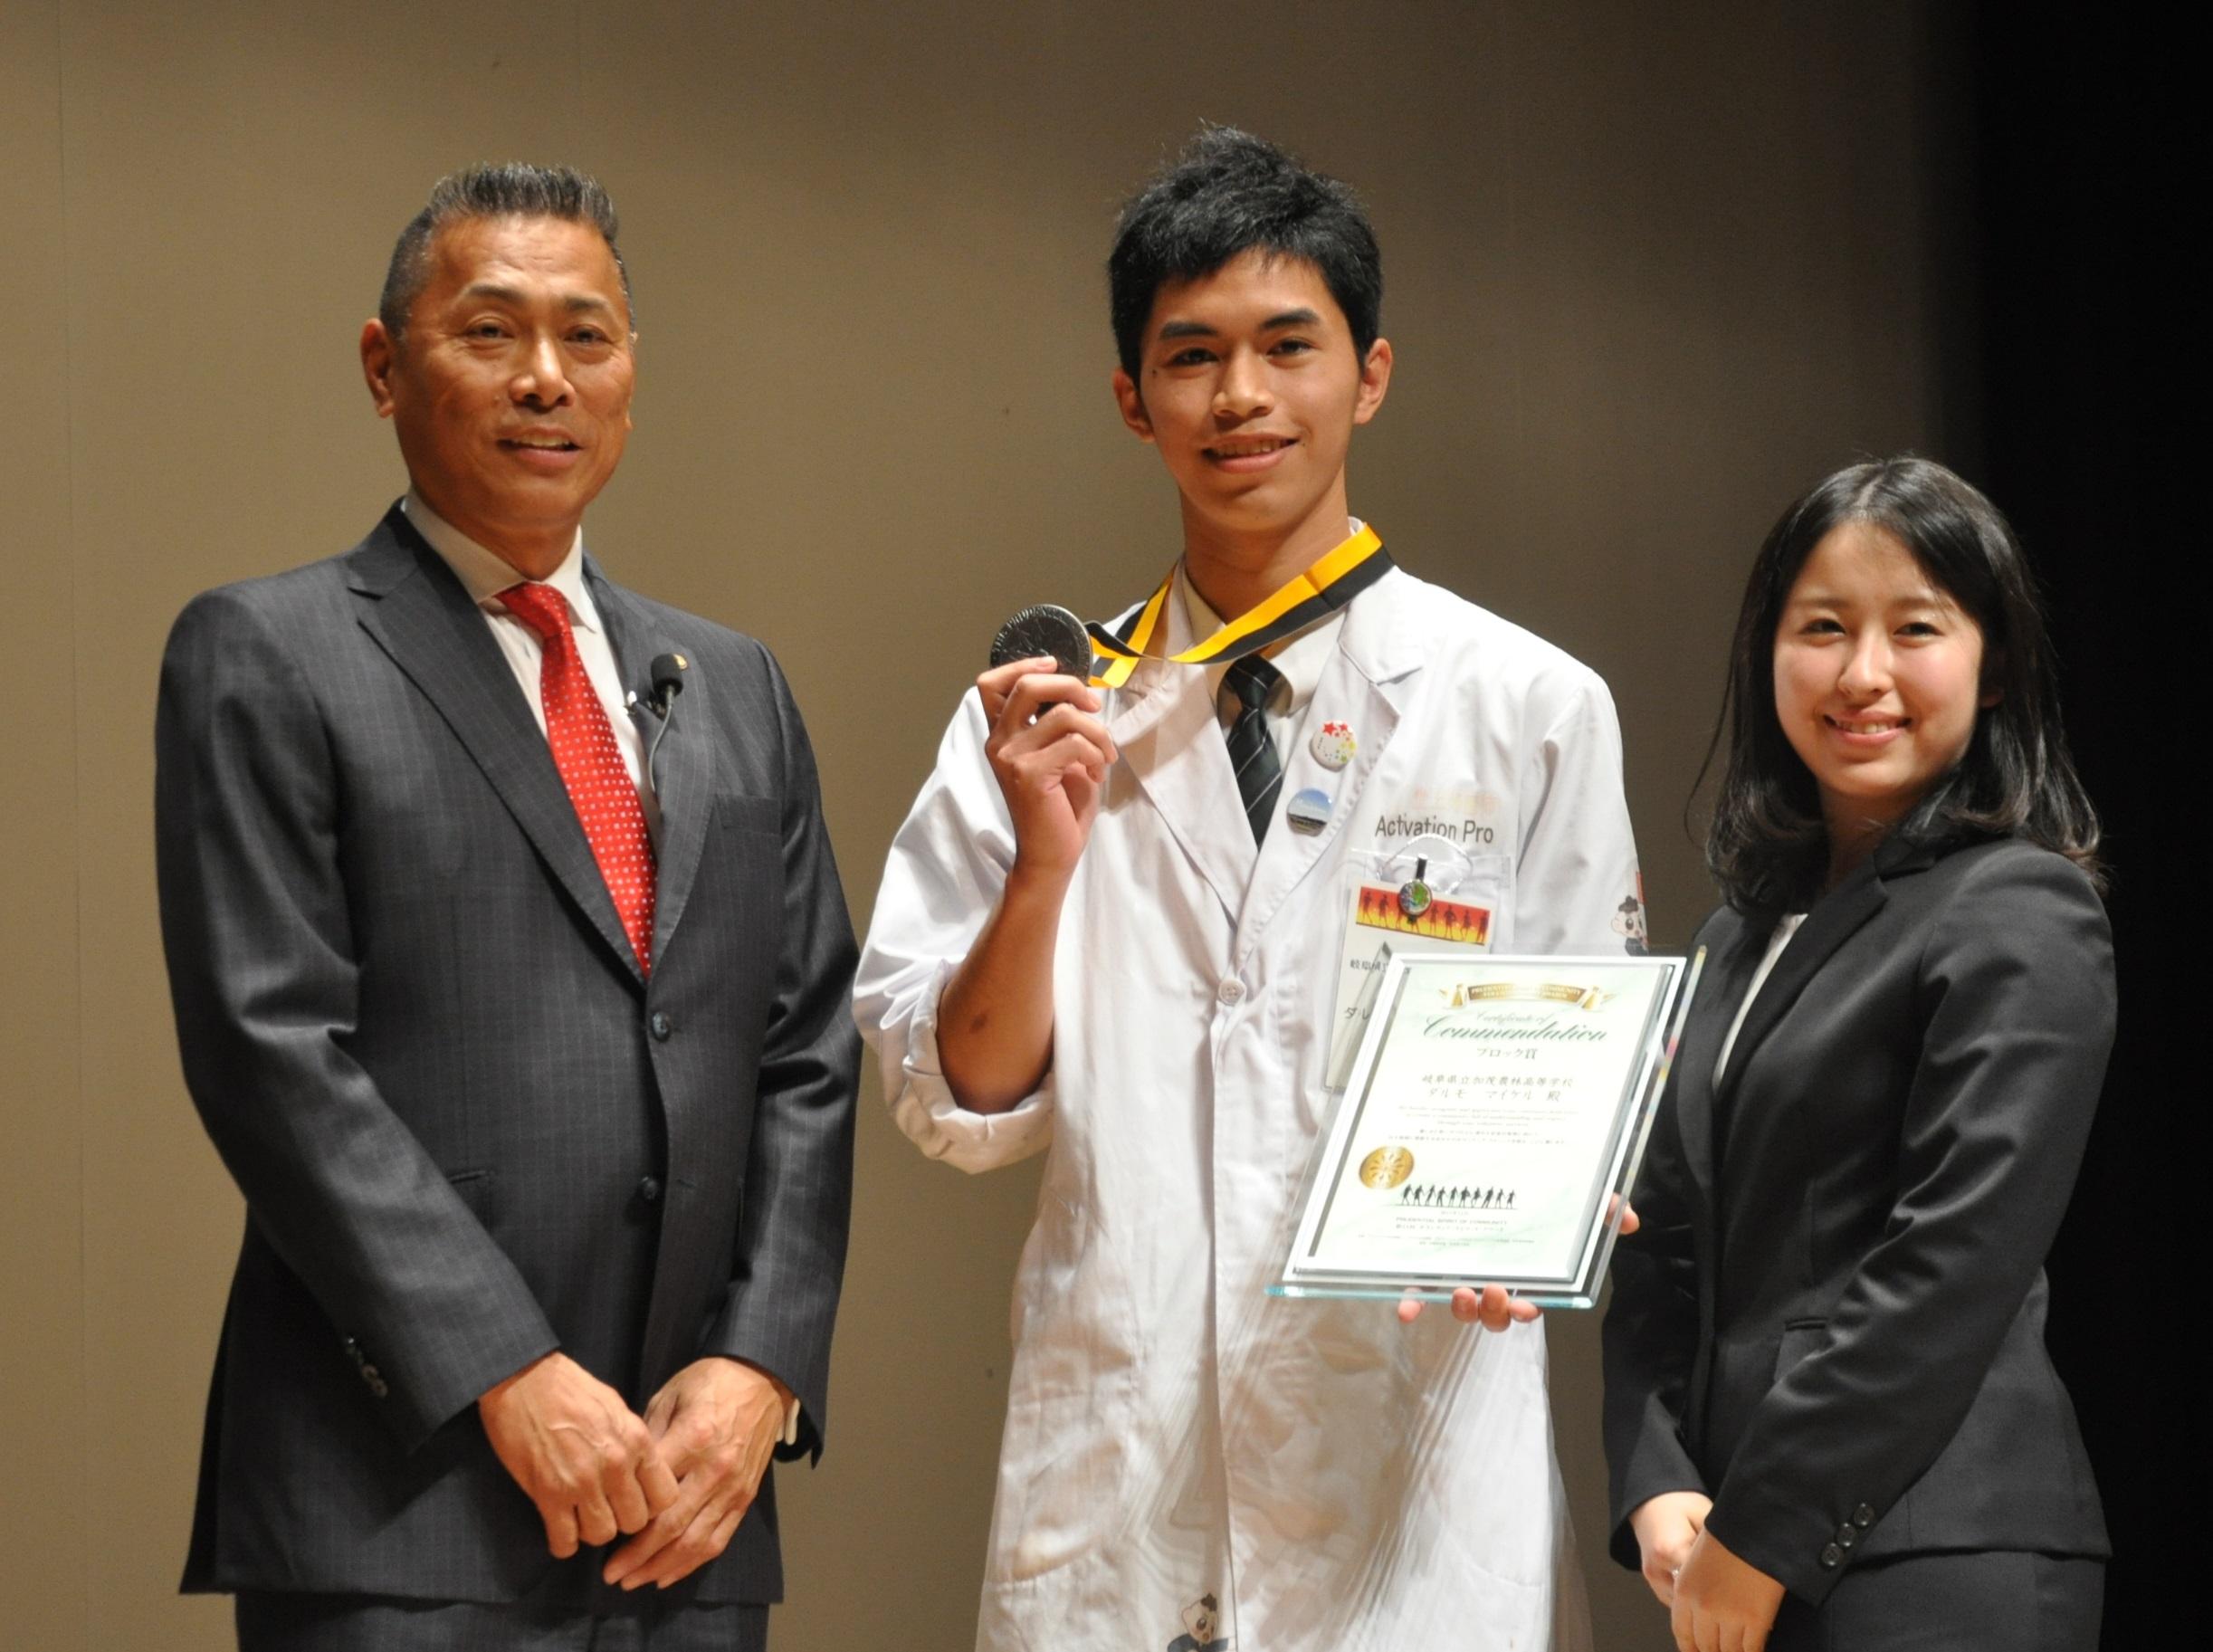 メダルを手に笑顔のダルモ・マイケルさん(写真中央)。